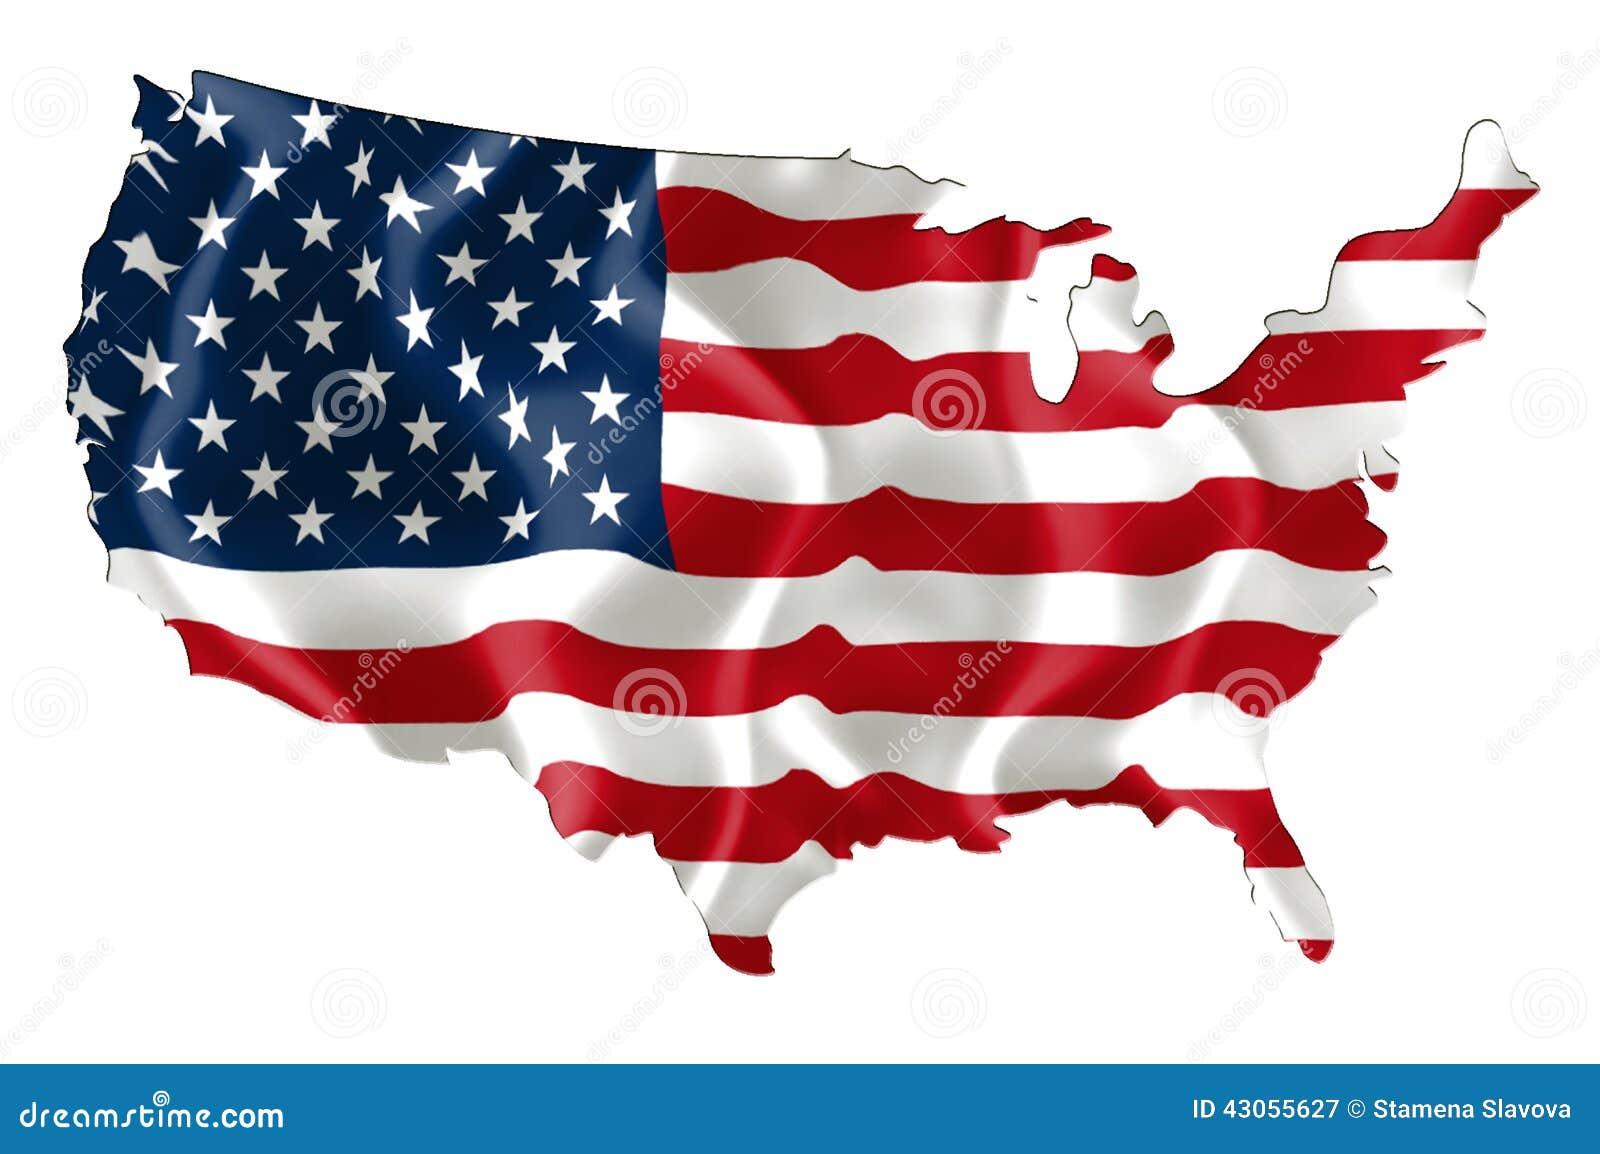 Carte Des Etats Unis Avec Le Drapeau Illustration Stock  : carte des etats unis avec le drapeau 43055627 from fr.dreamstime.com size 1300 x 955 jpeg 106kB